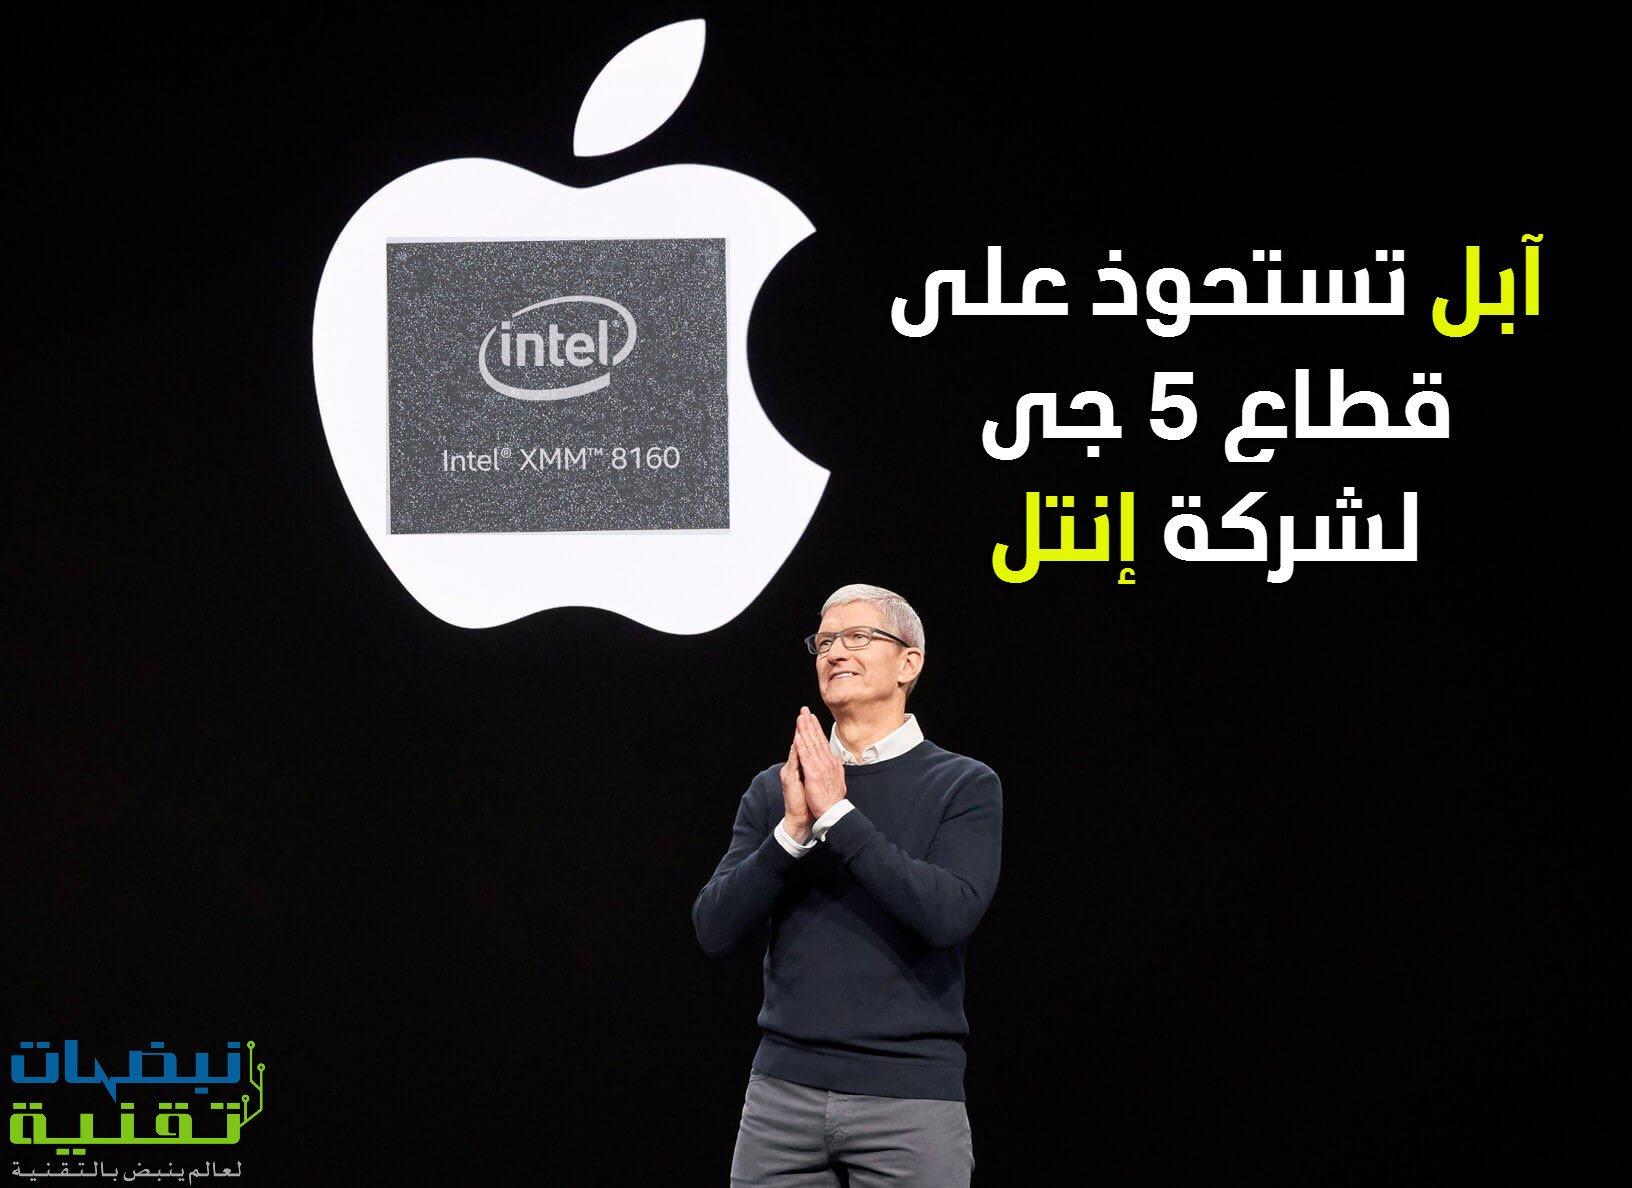 مودمات 5G